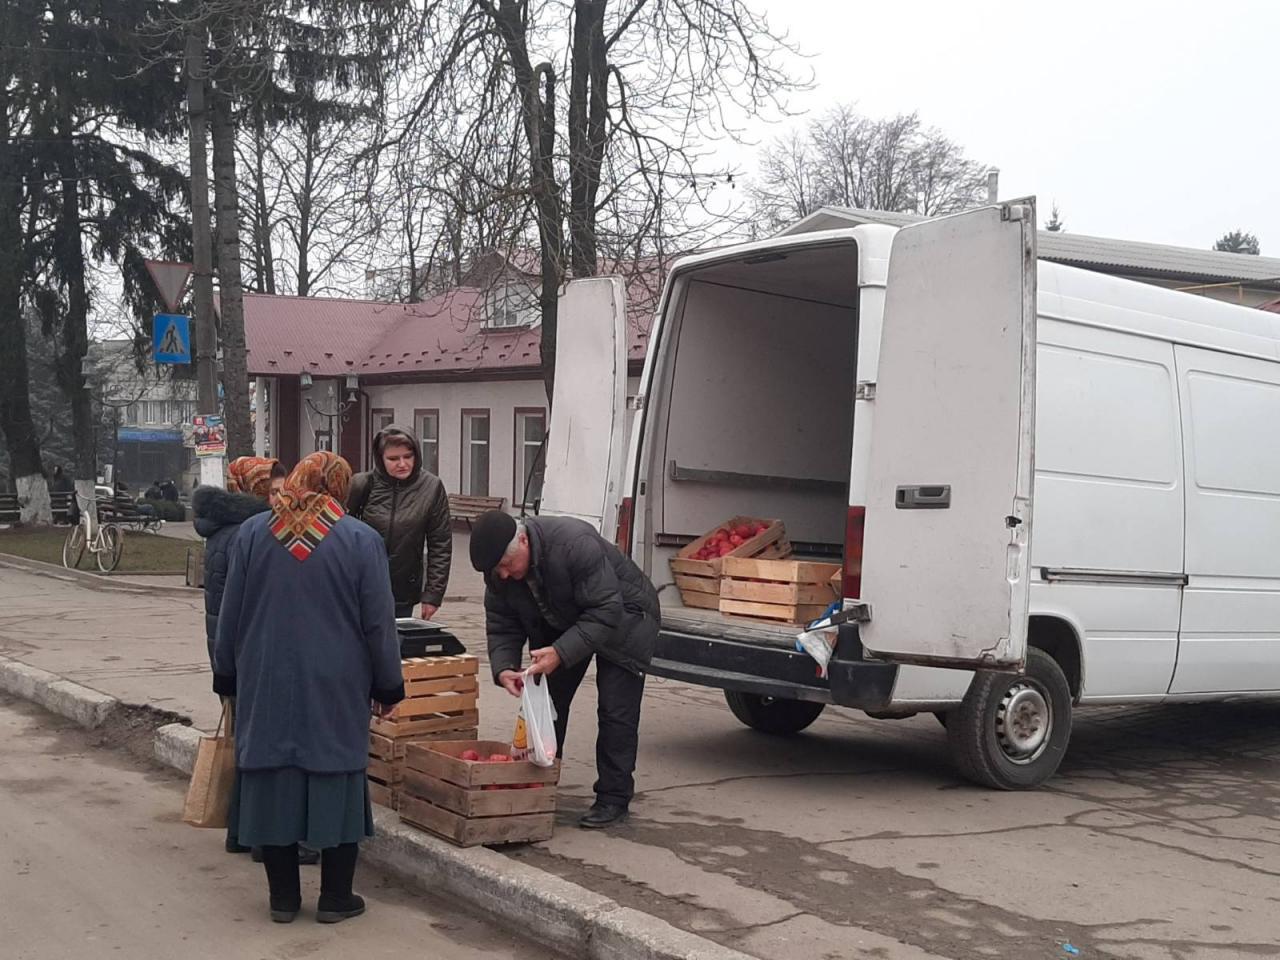 http://dunrada.gov.ua/uploadfile/archive_news/2019/12/21/2019-12-21_1966/images/images-16452.jpg